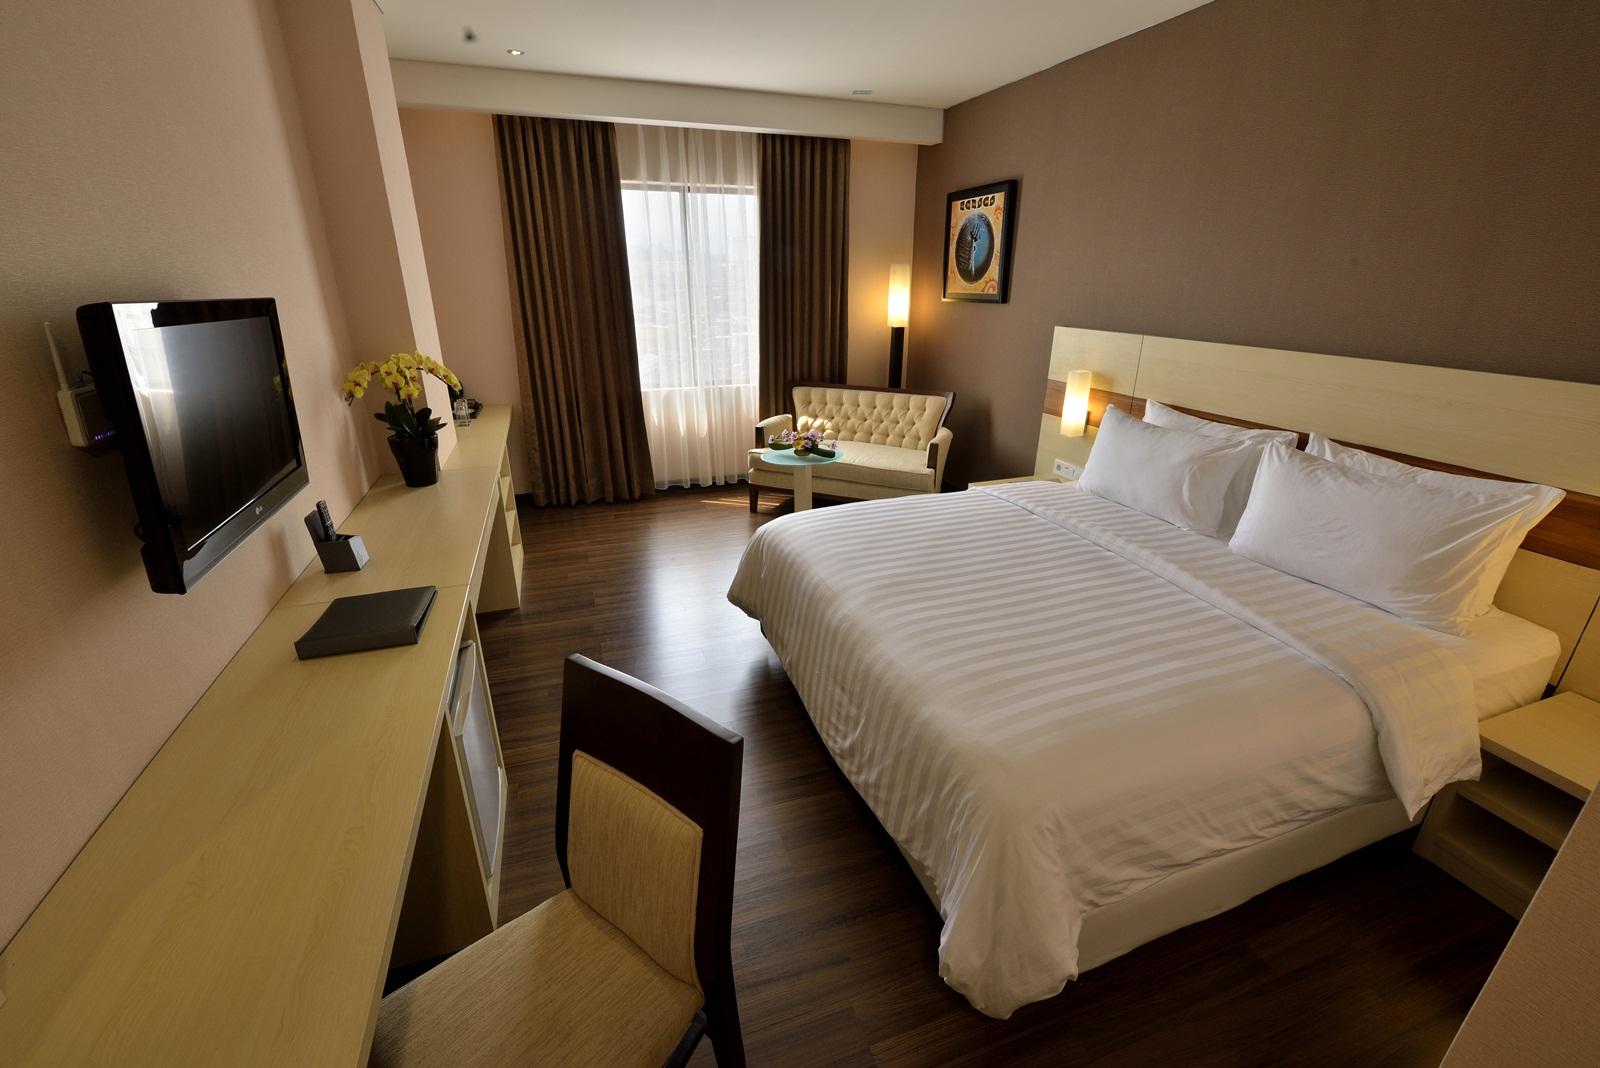 E. Deluxe room